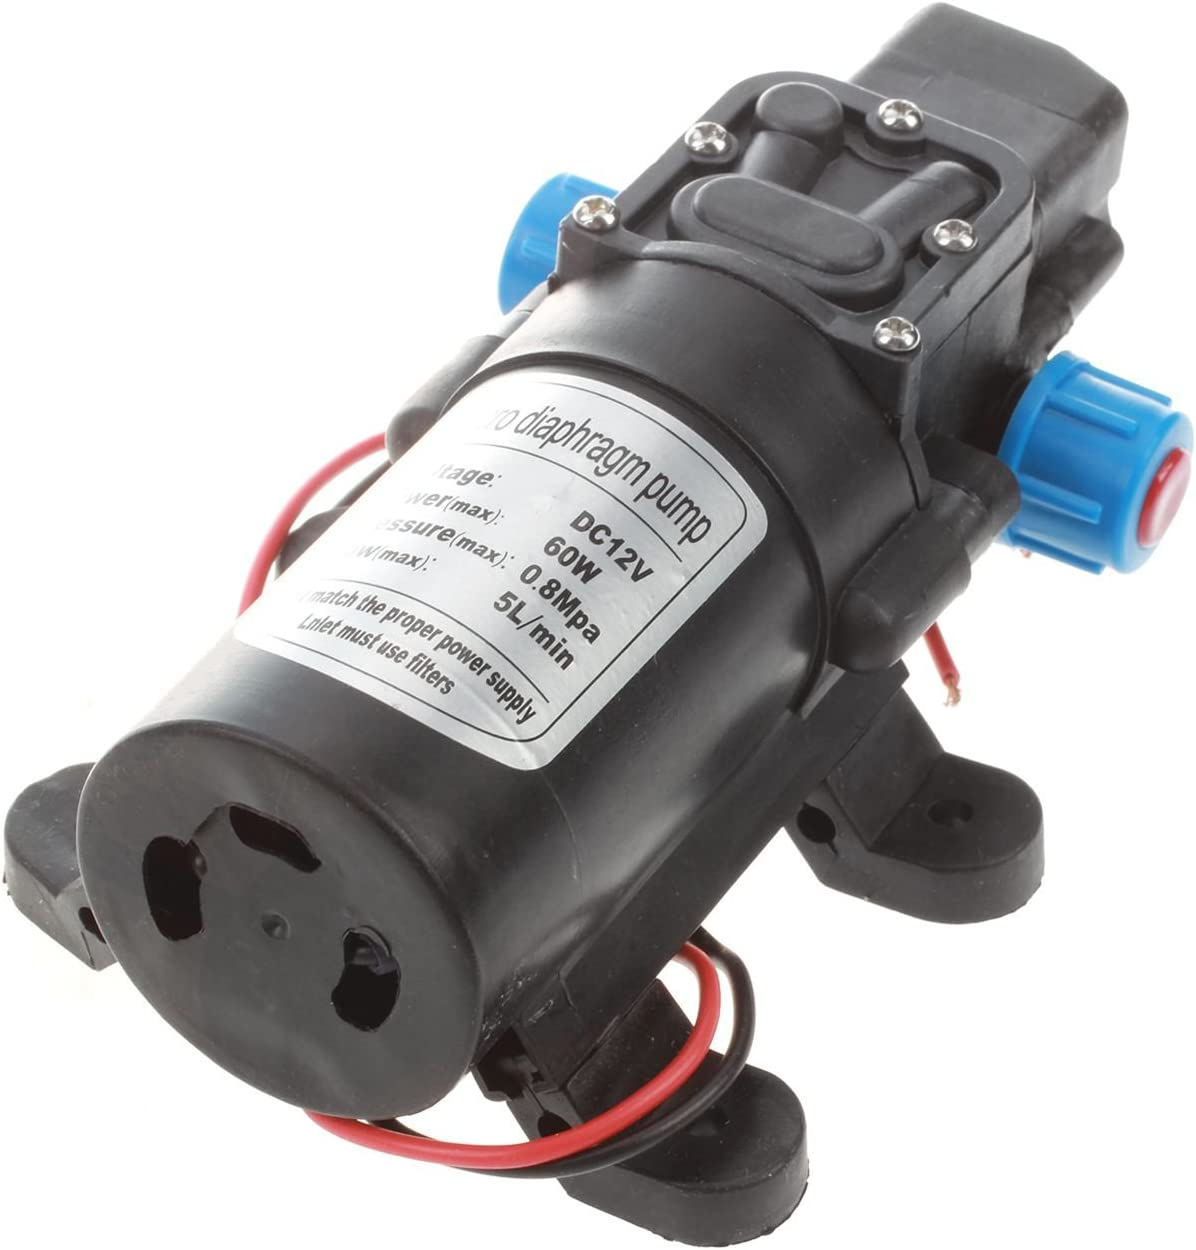 min 60W Pompe electrique a membrane a eau de haute pression pour la voiture Gaoominy 12V DC 5L